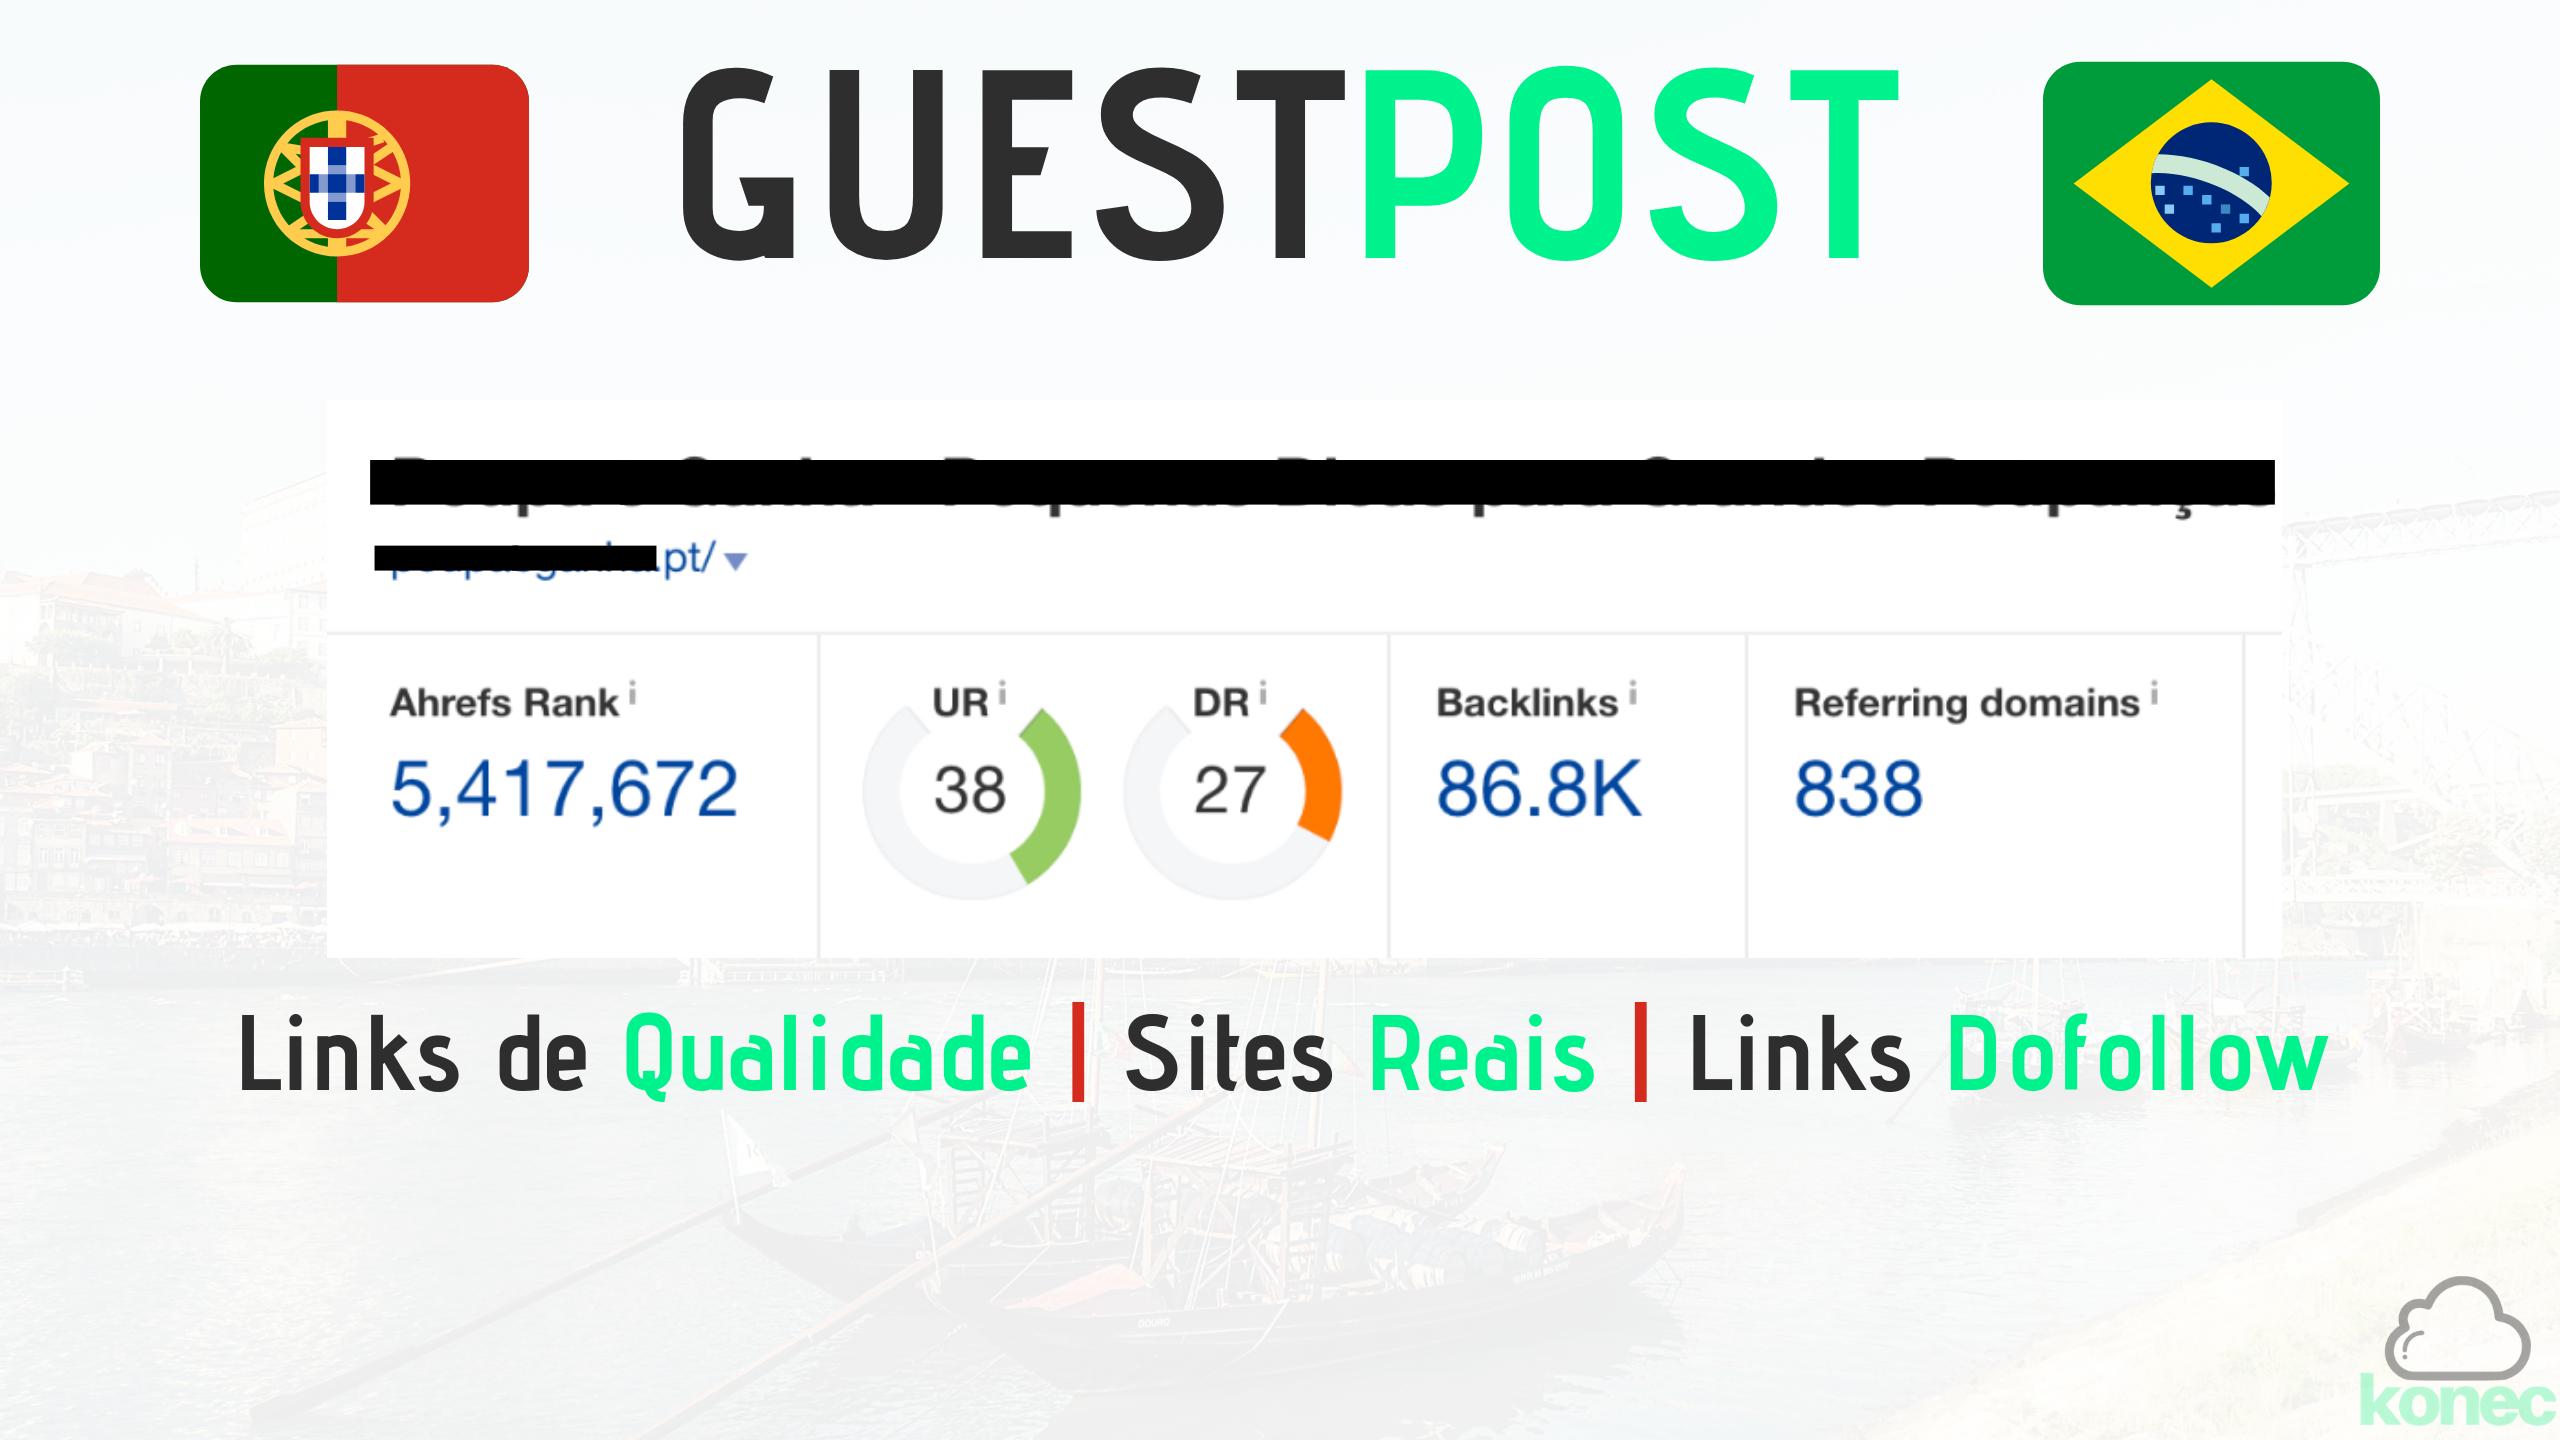 comprar-links-em-sites-portugueses-e-brasileiros-pt-br